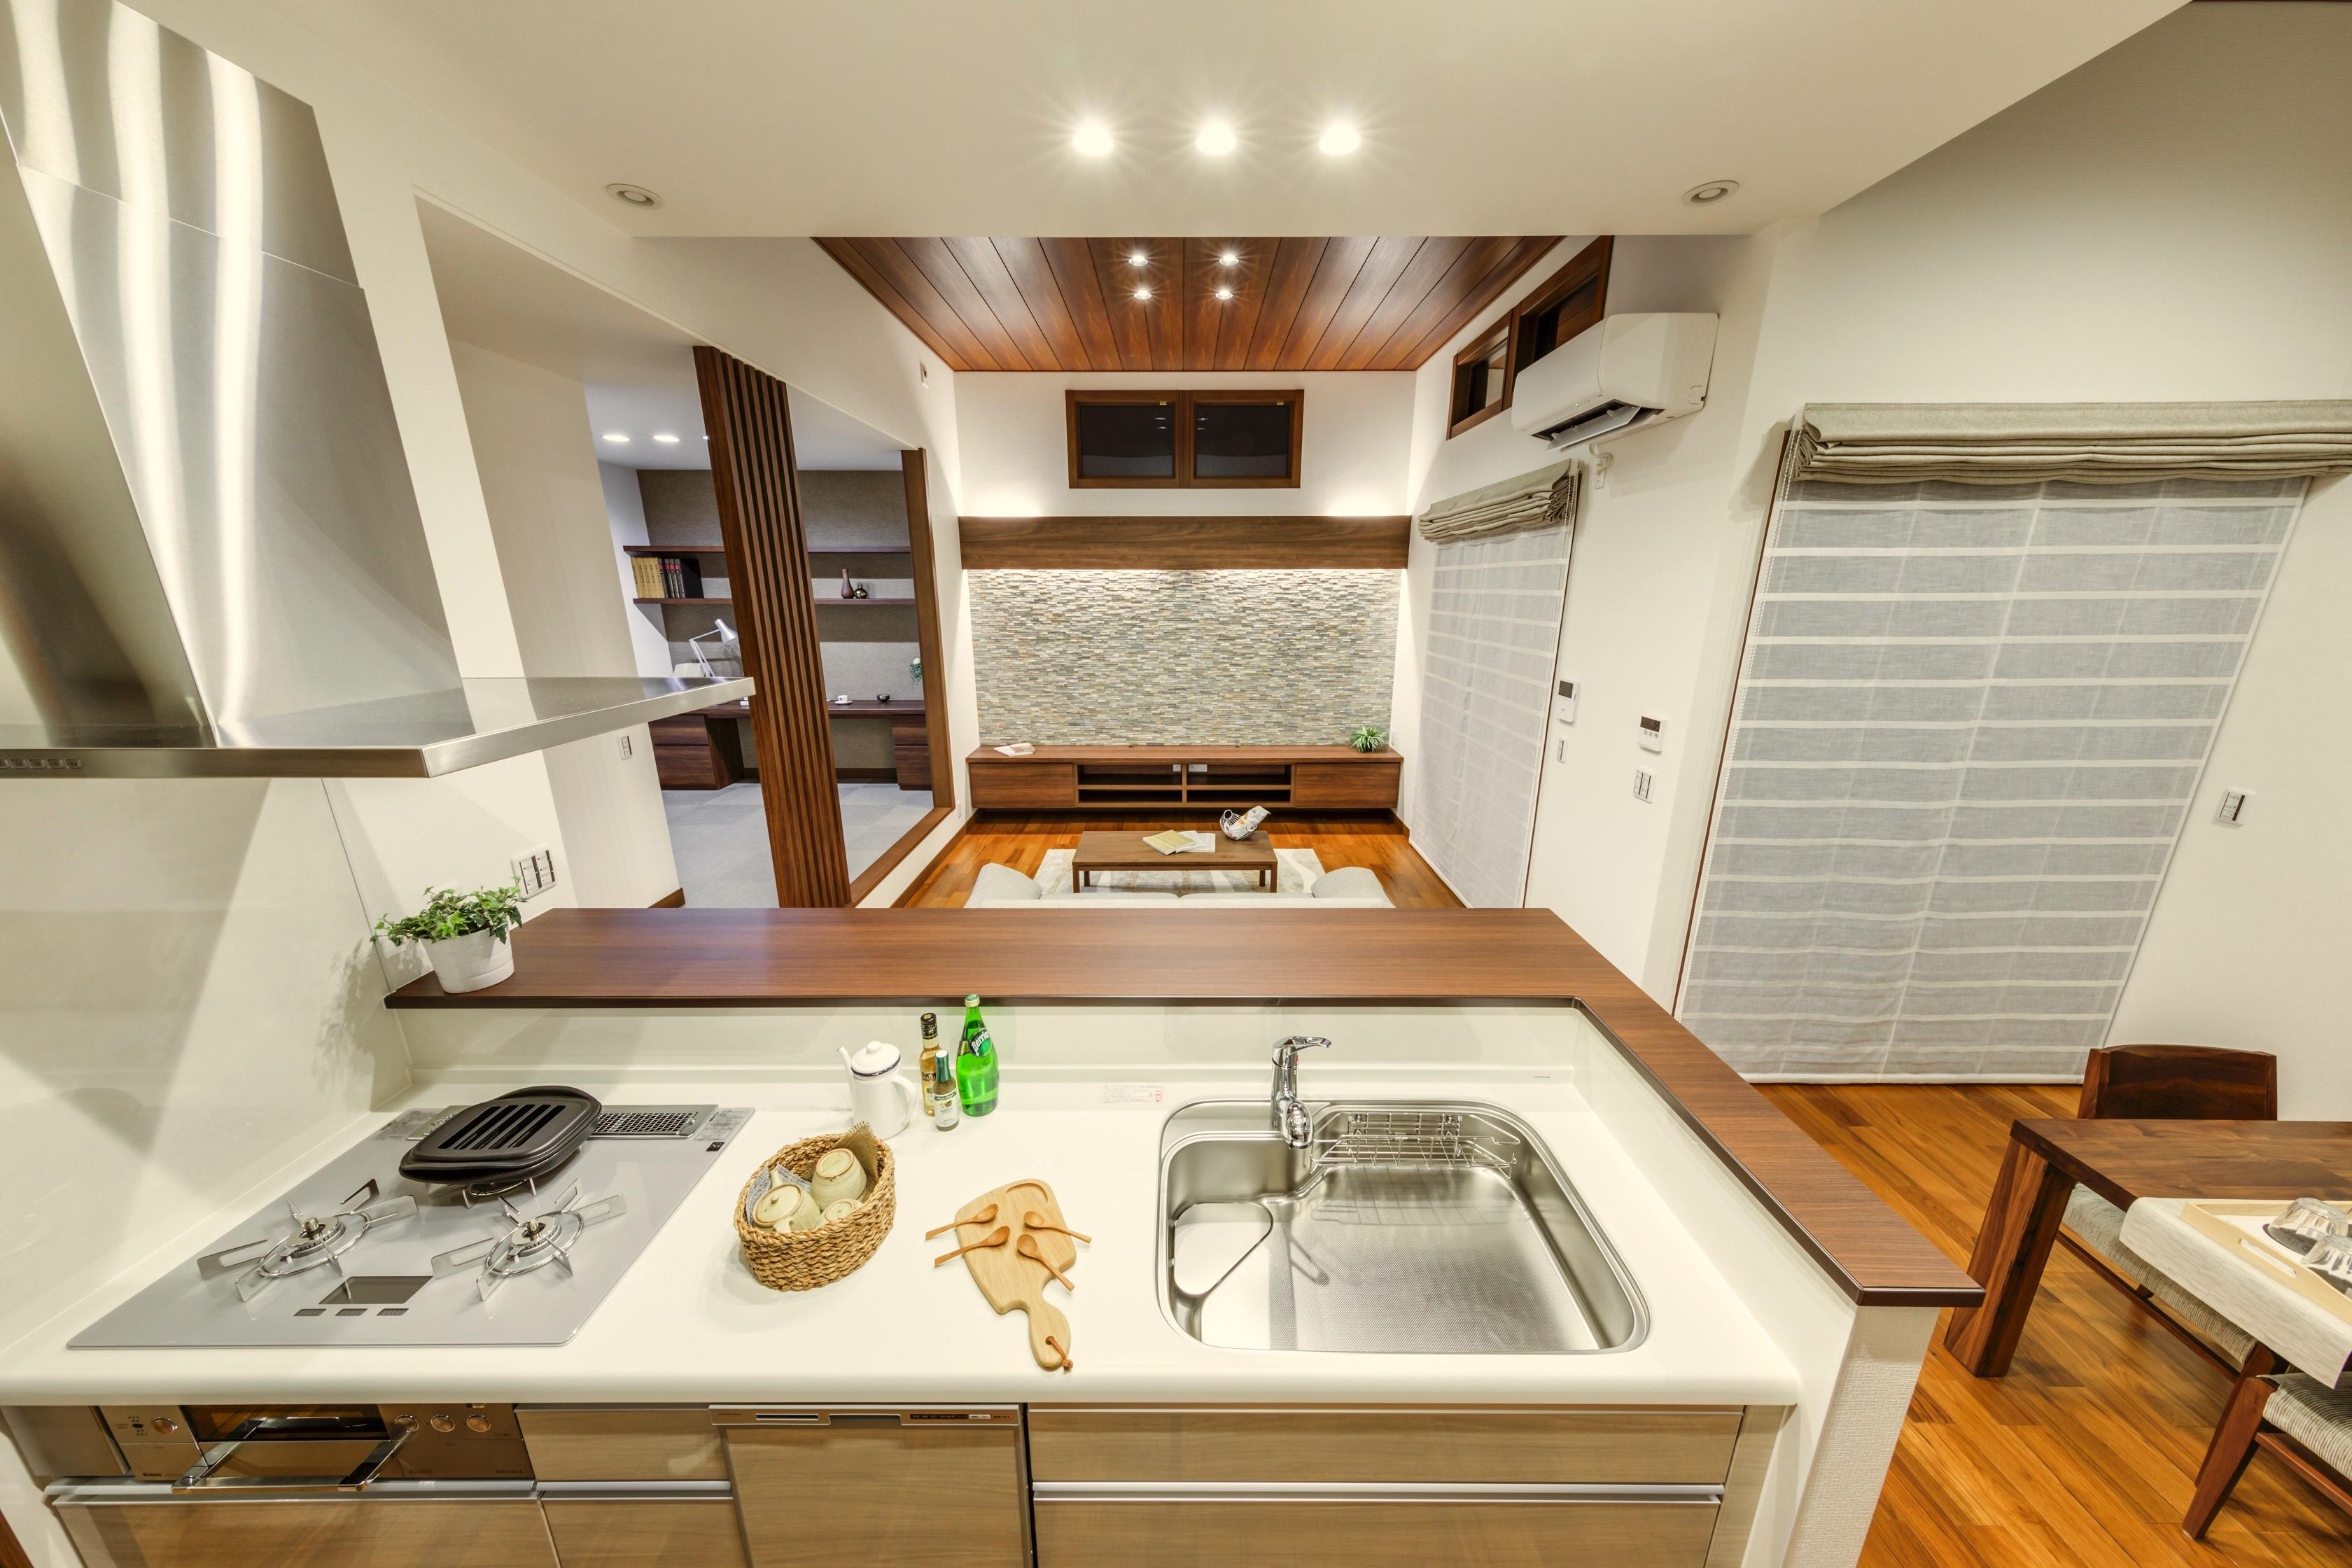 キッチンからはリビングでくつろぐ家族の様子が見渡せる。コミュニケーションが取りやすく、料理をしながら子どもの勉強も見てあげられる